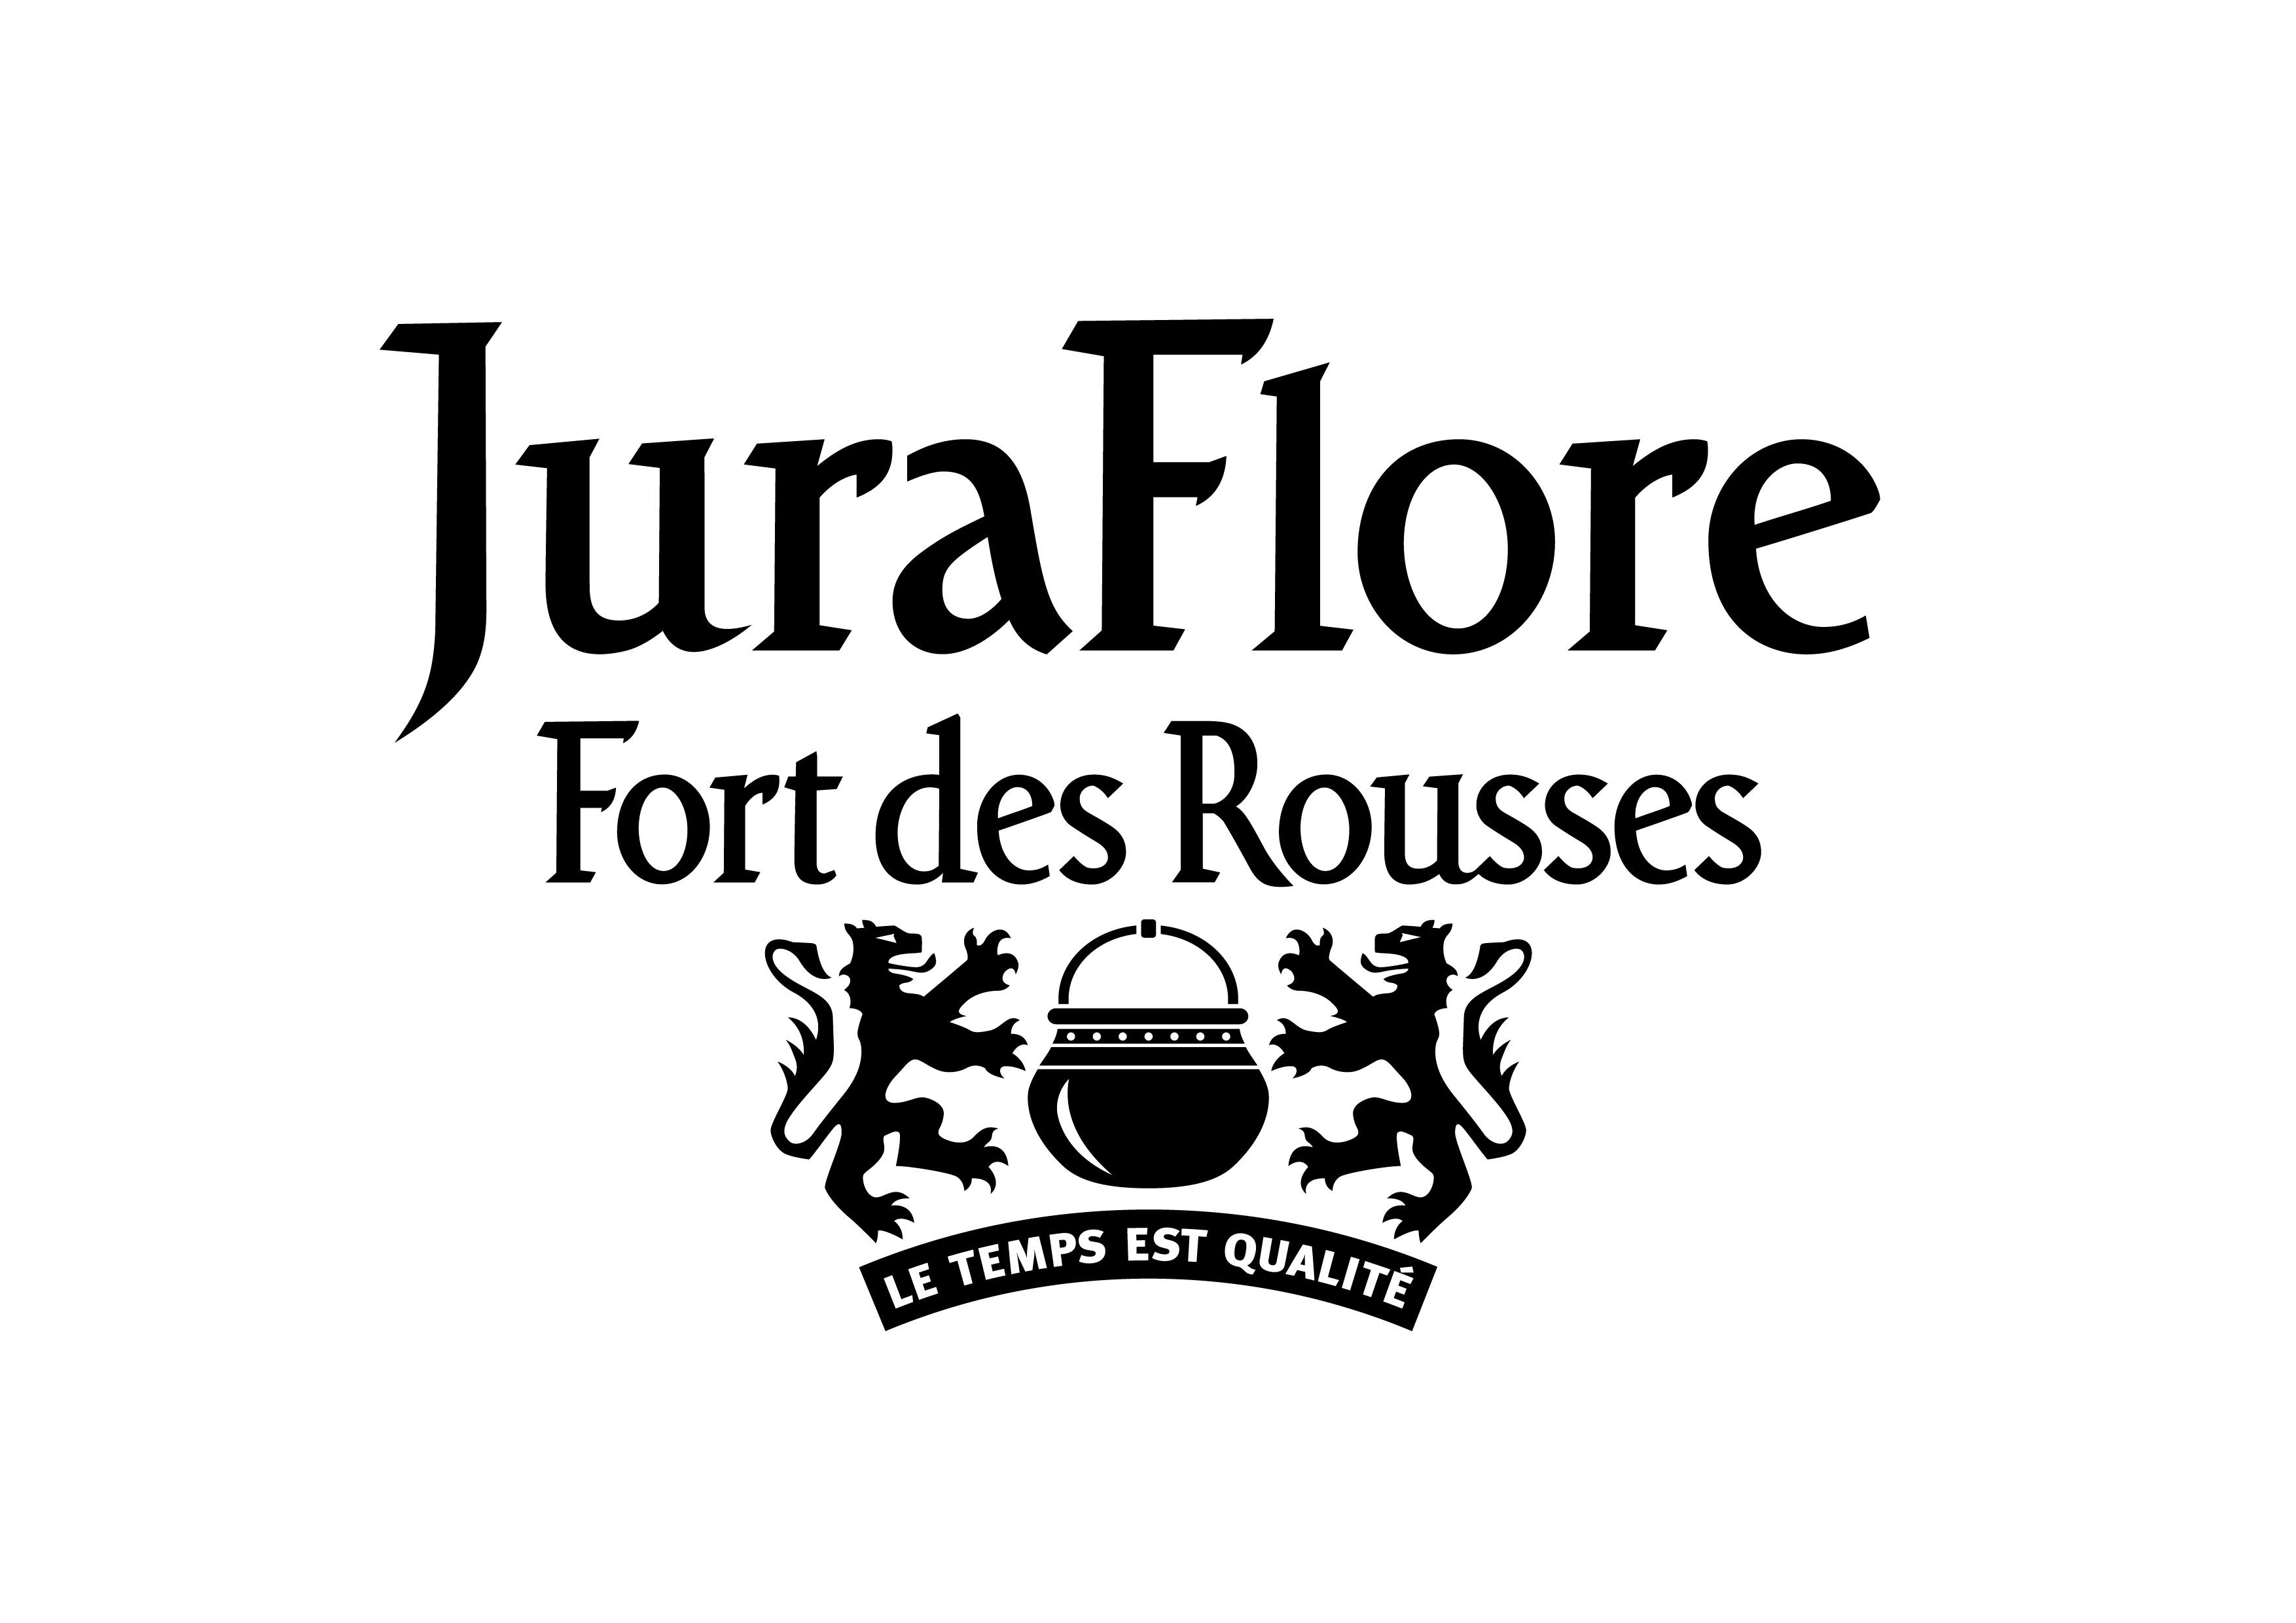 Juraflore fortdesrousses ok